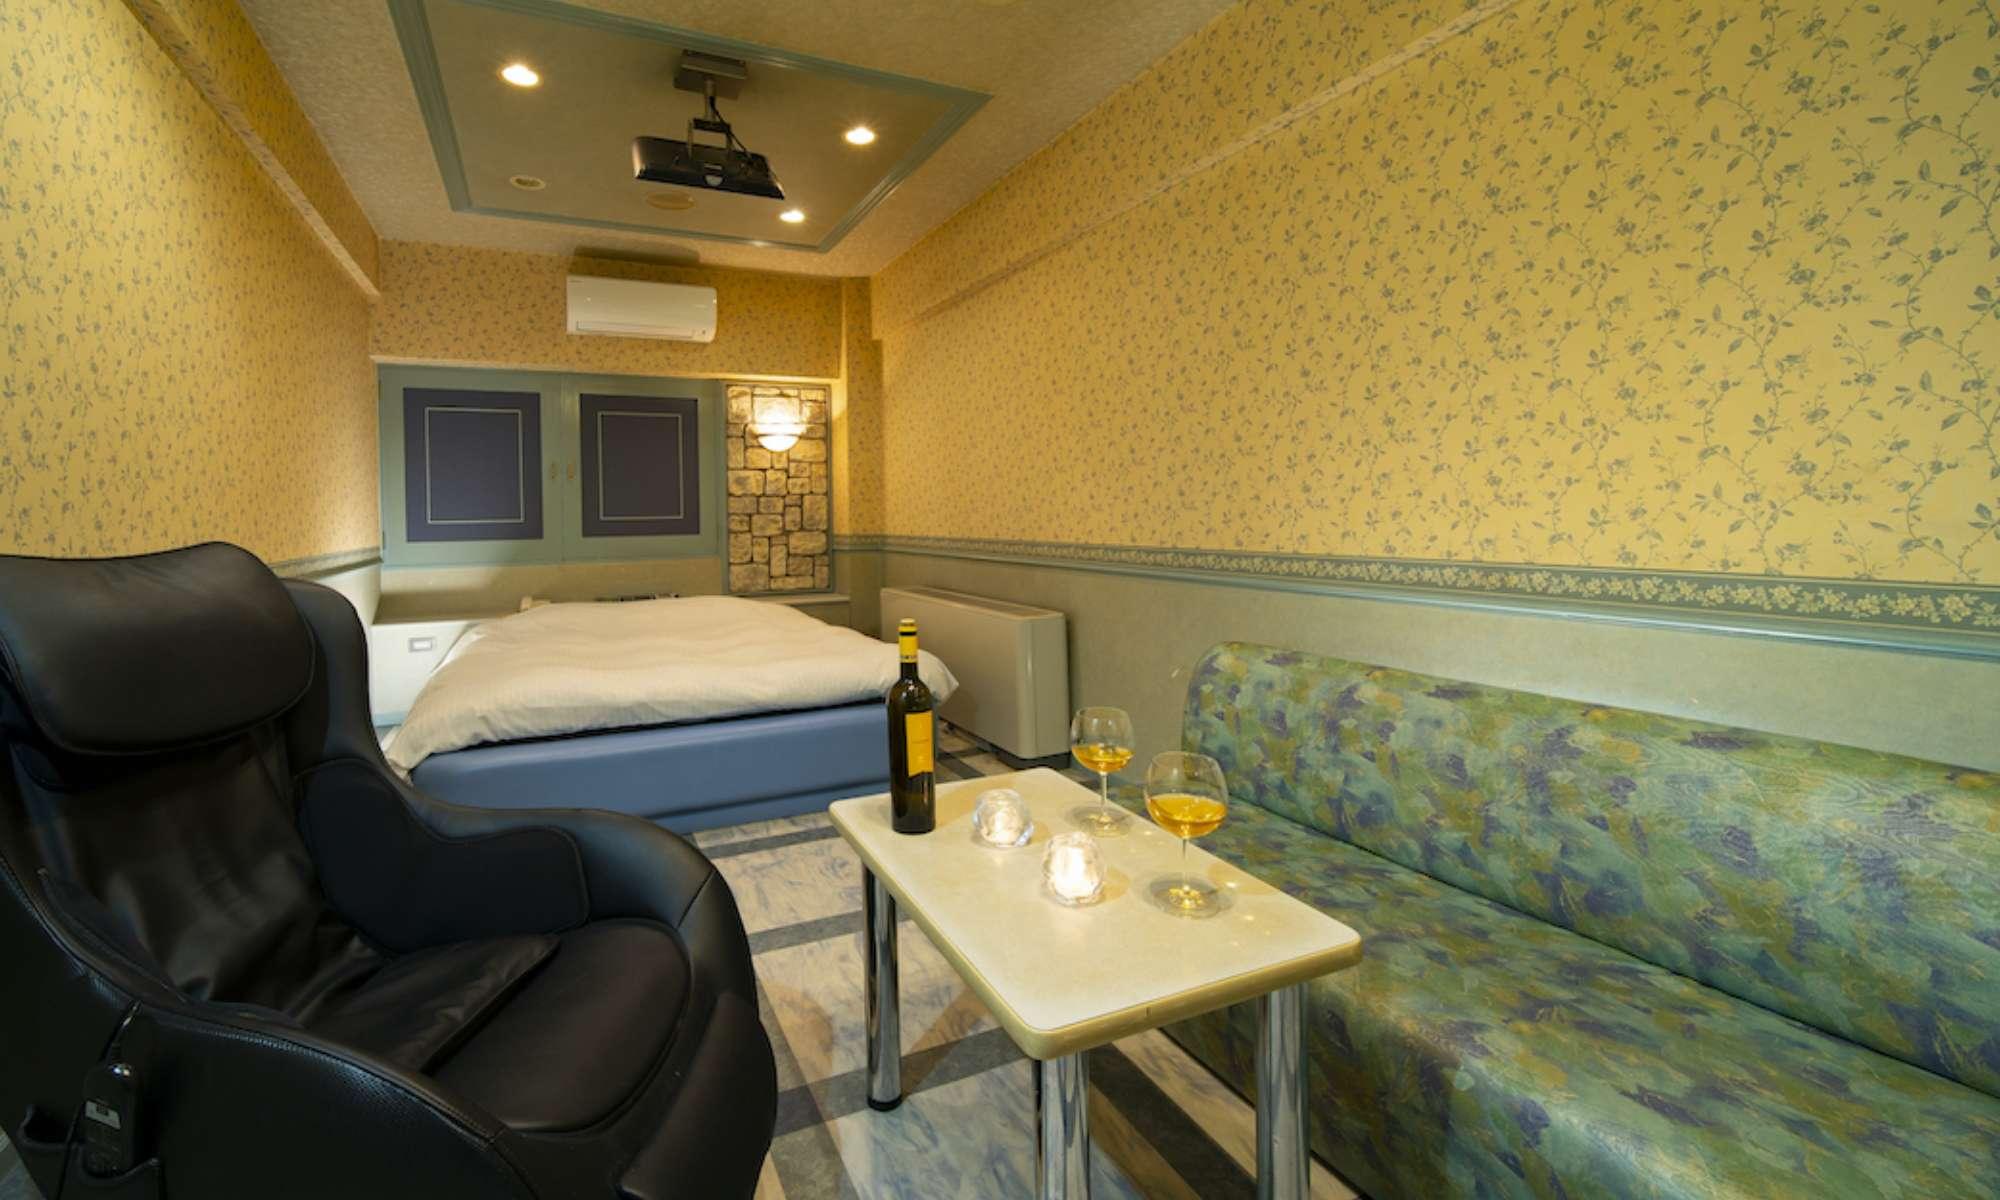 FUTARINO HOTEL(ふたりのホテル)Room319